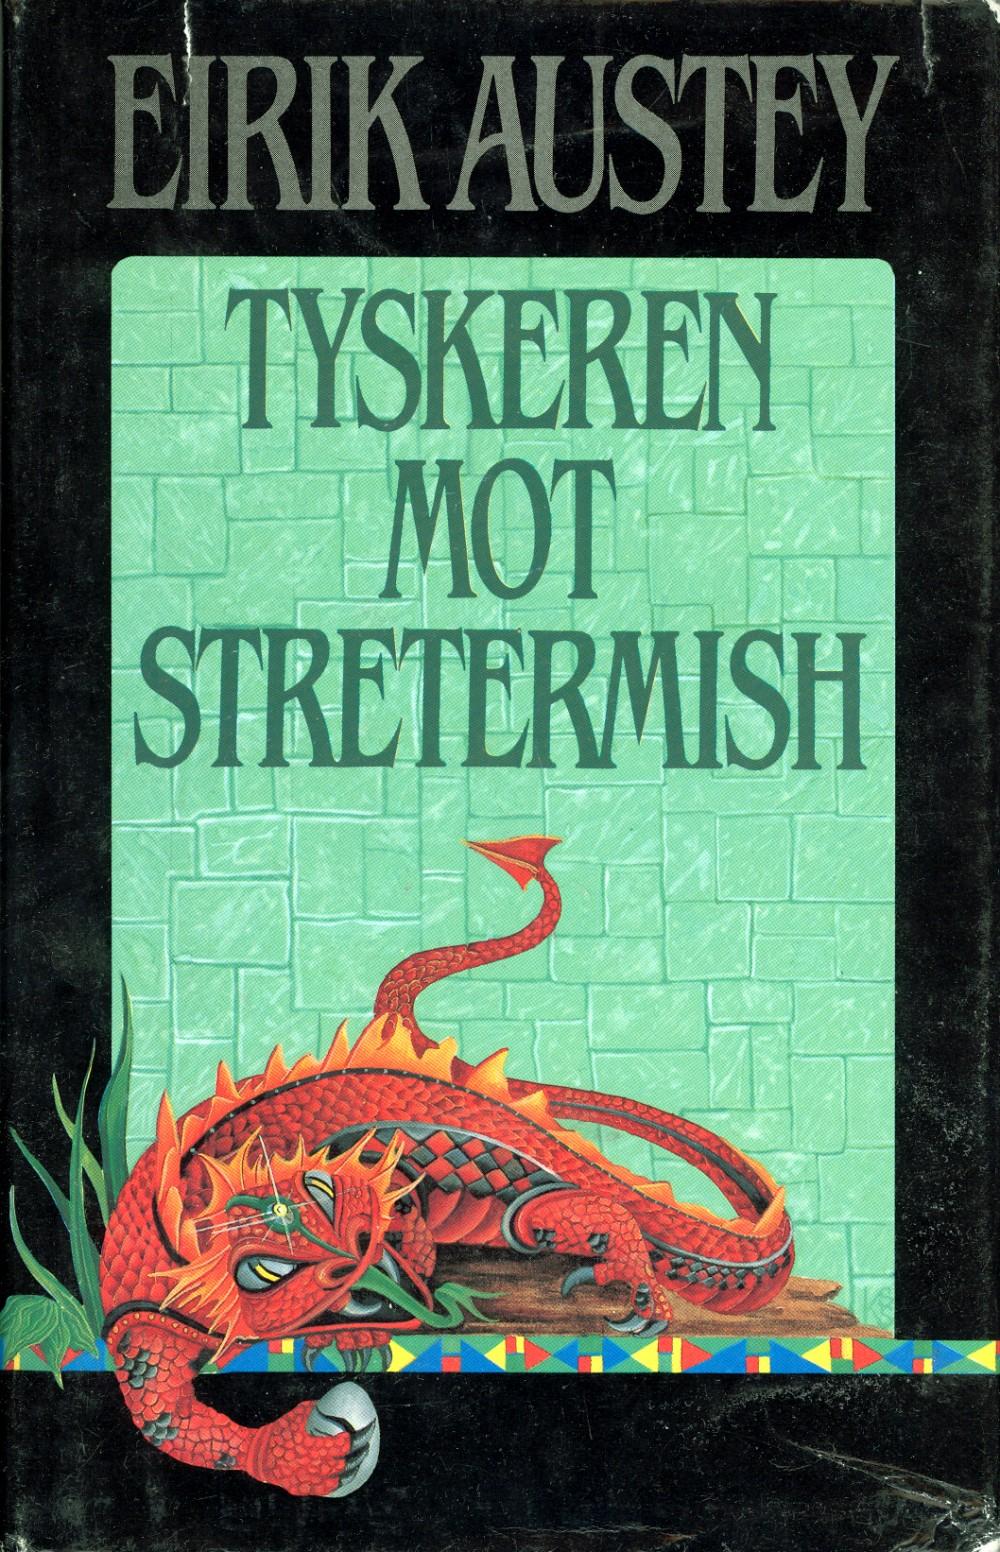 Eirik Austey: Tyskeren mot Stretermish - Ei fantastisk fortelling fra Kodonj